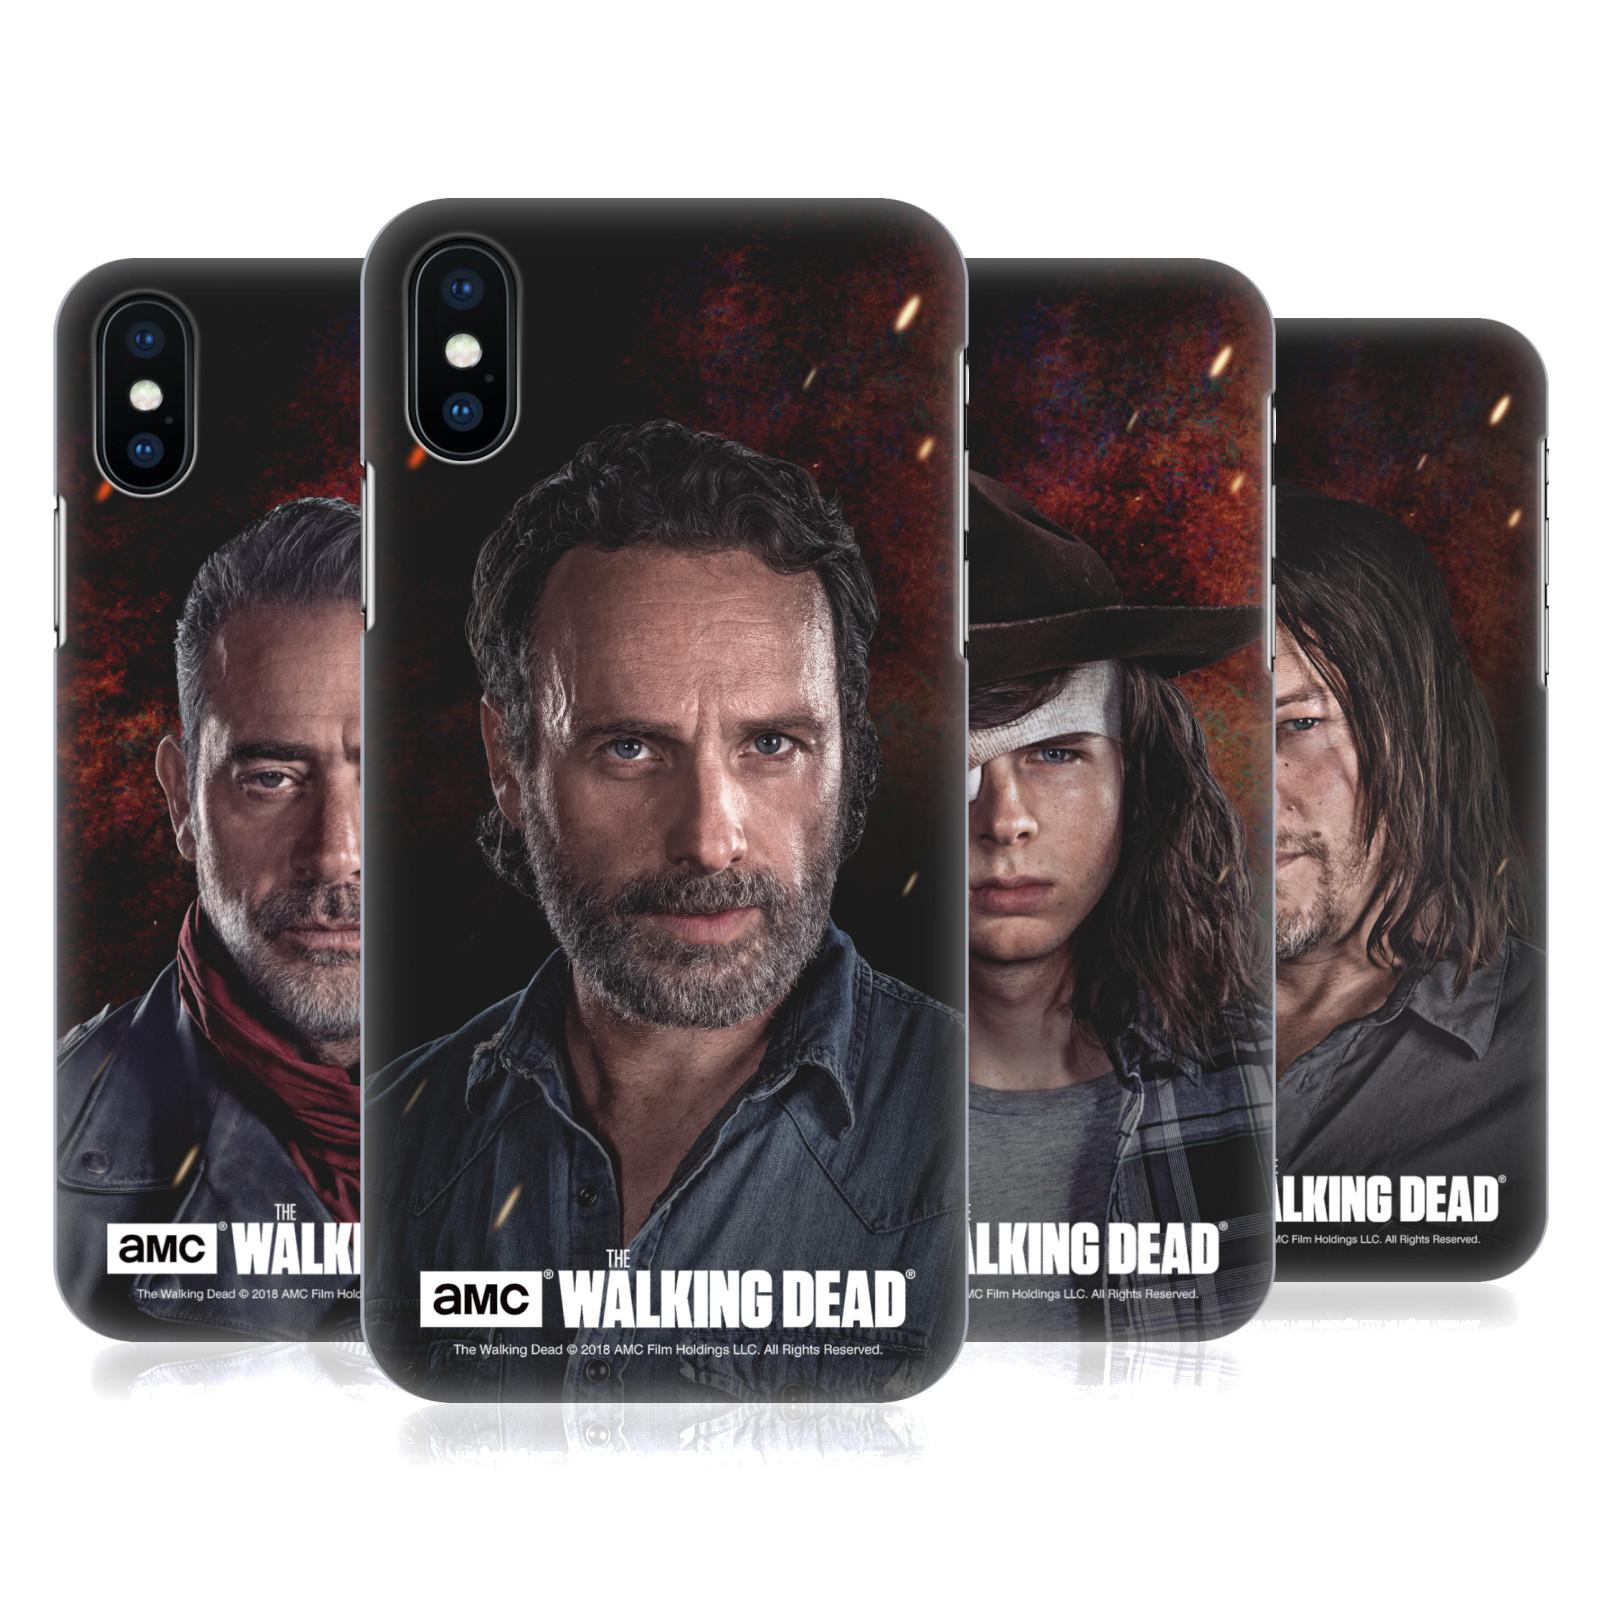 AMC The Walking Dead Season 8 Portraits